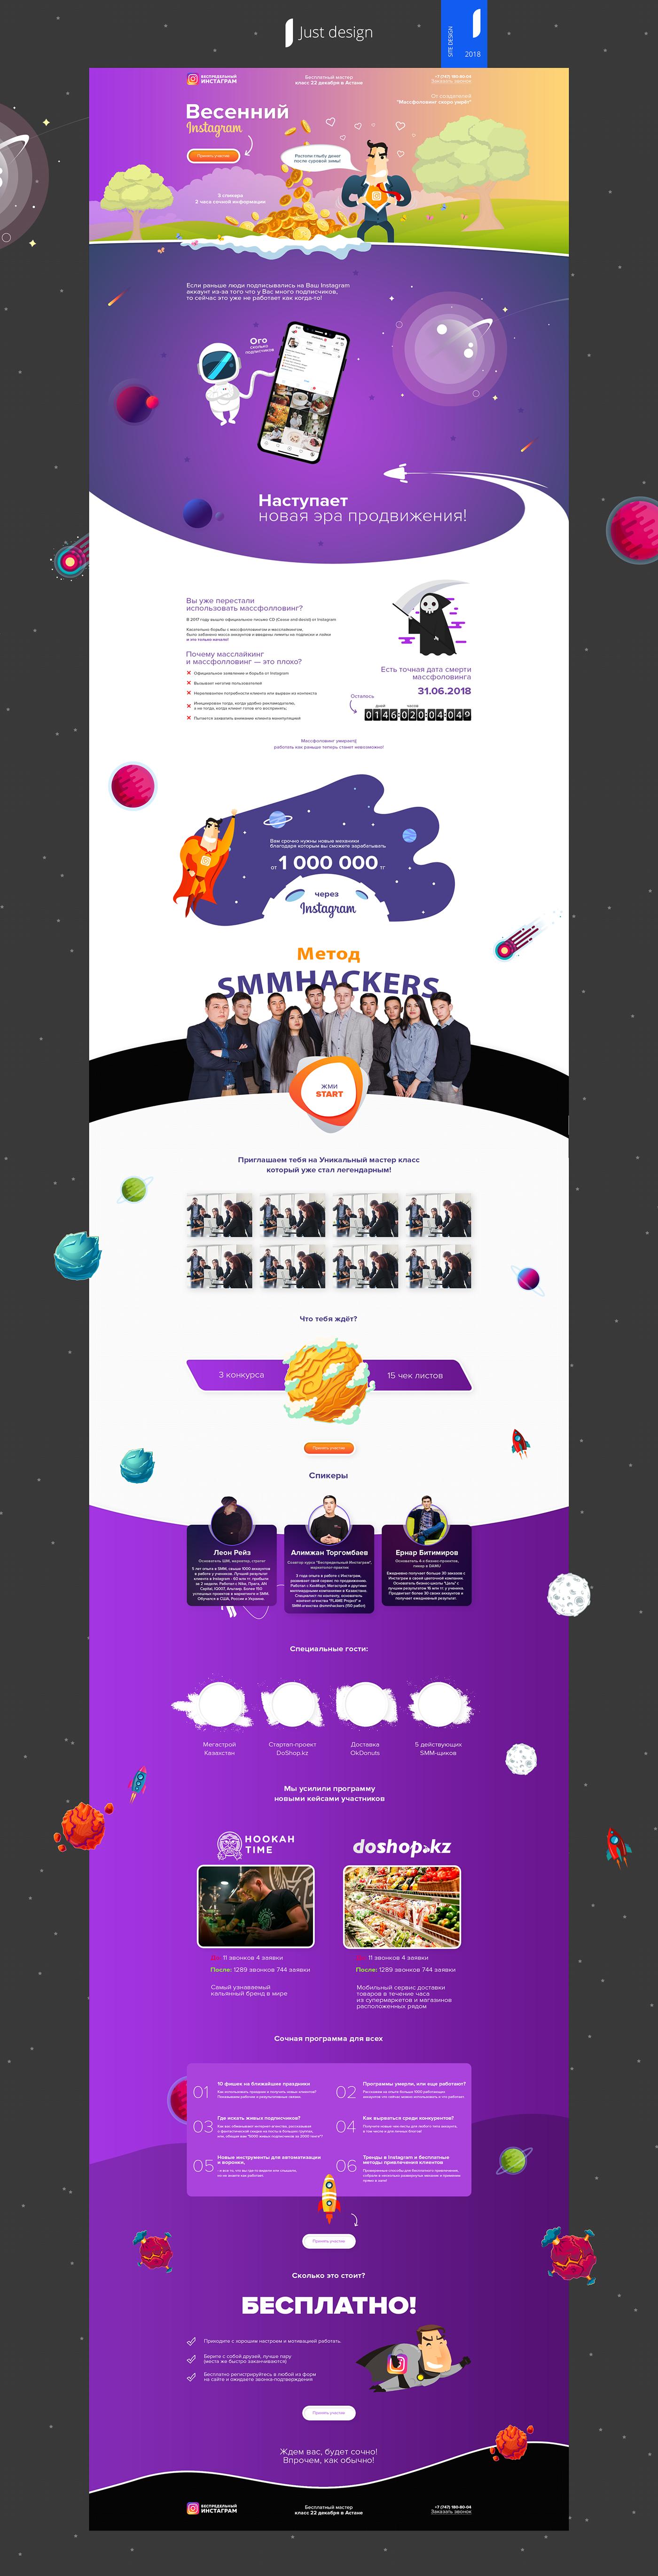 design free instagram site Web